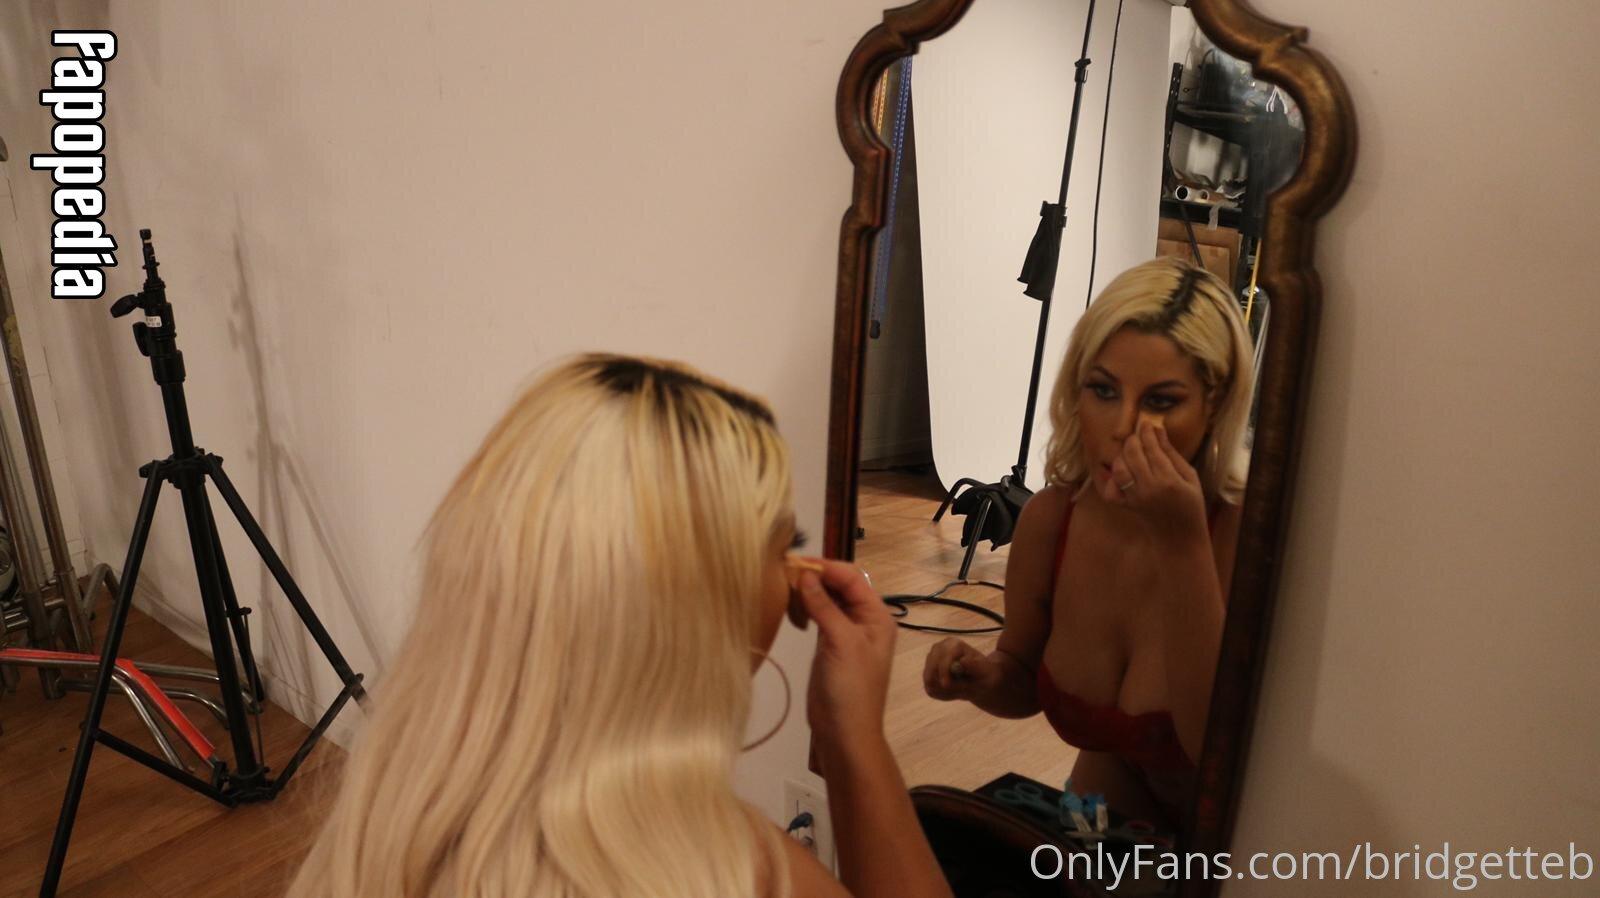 Bridgetteb Nude OnlyFans Leaks